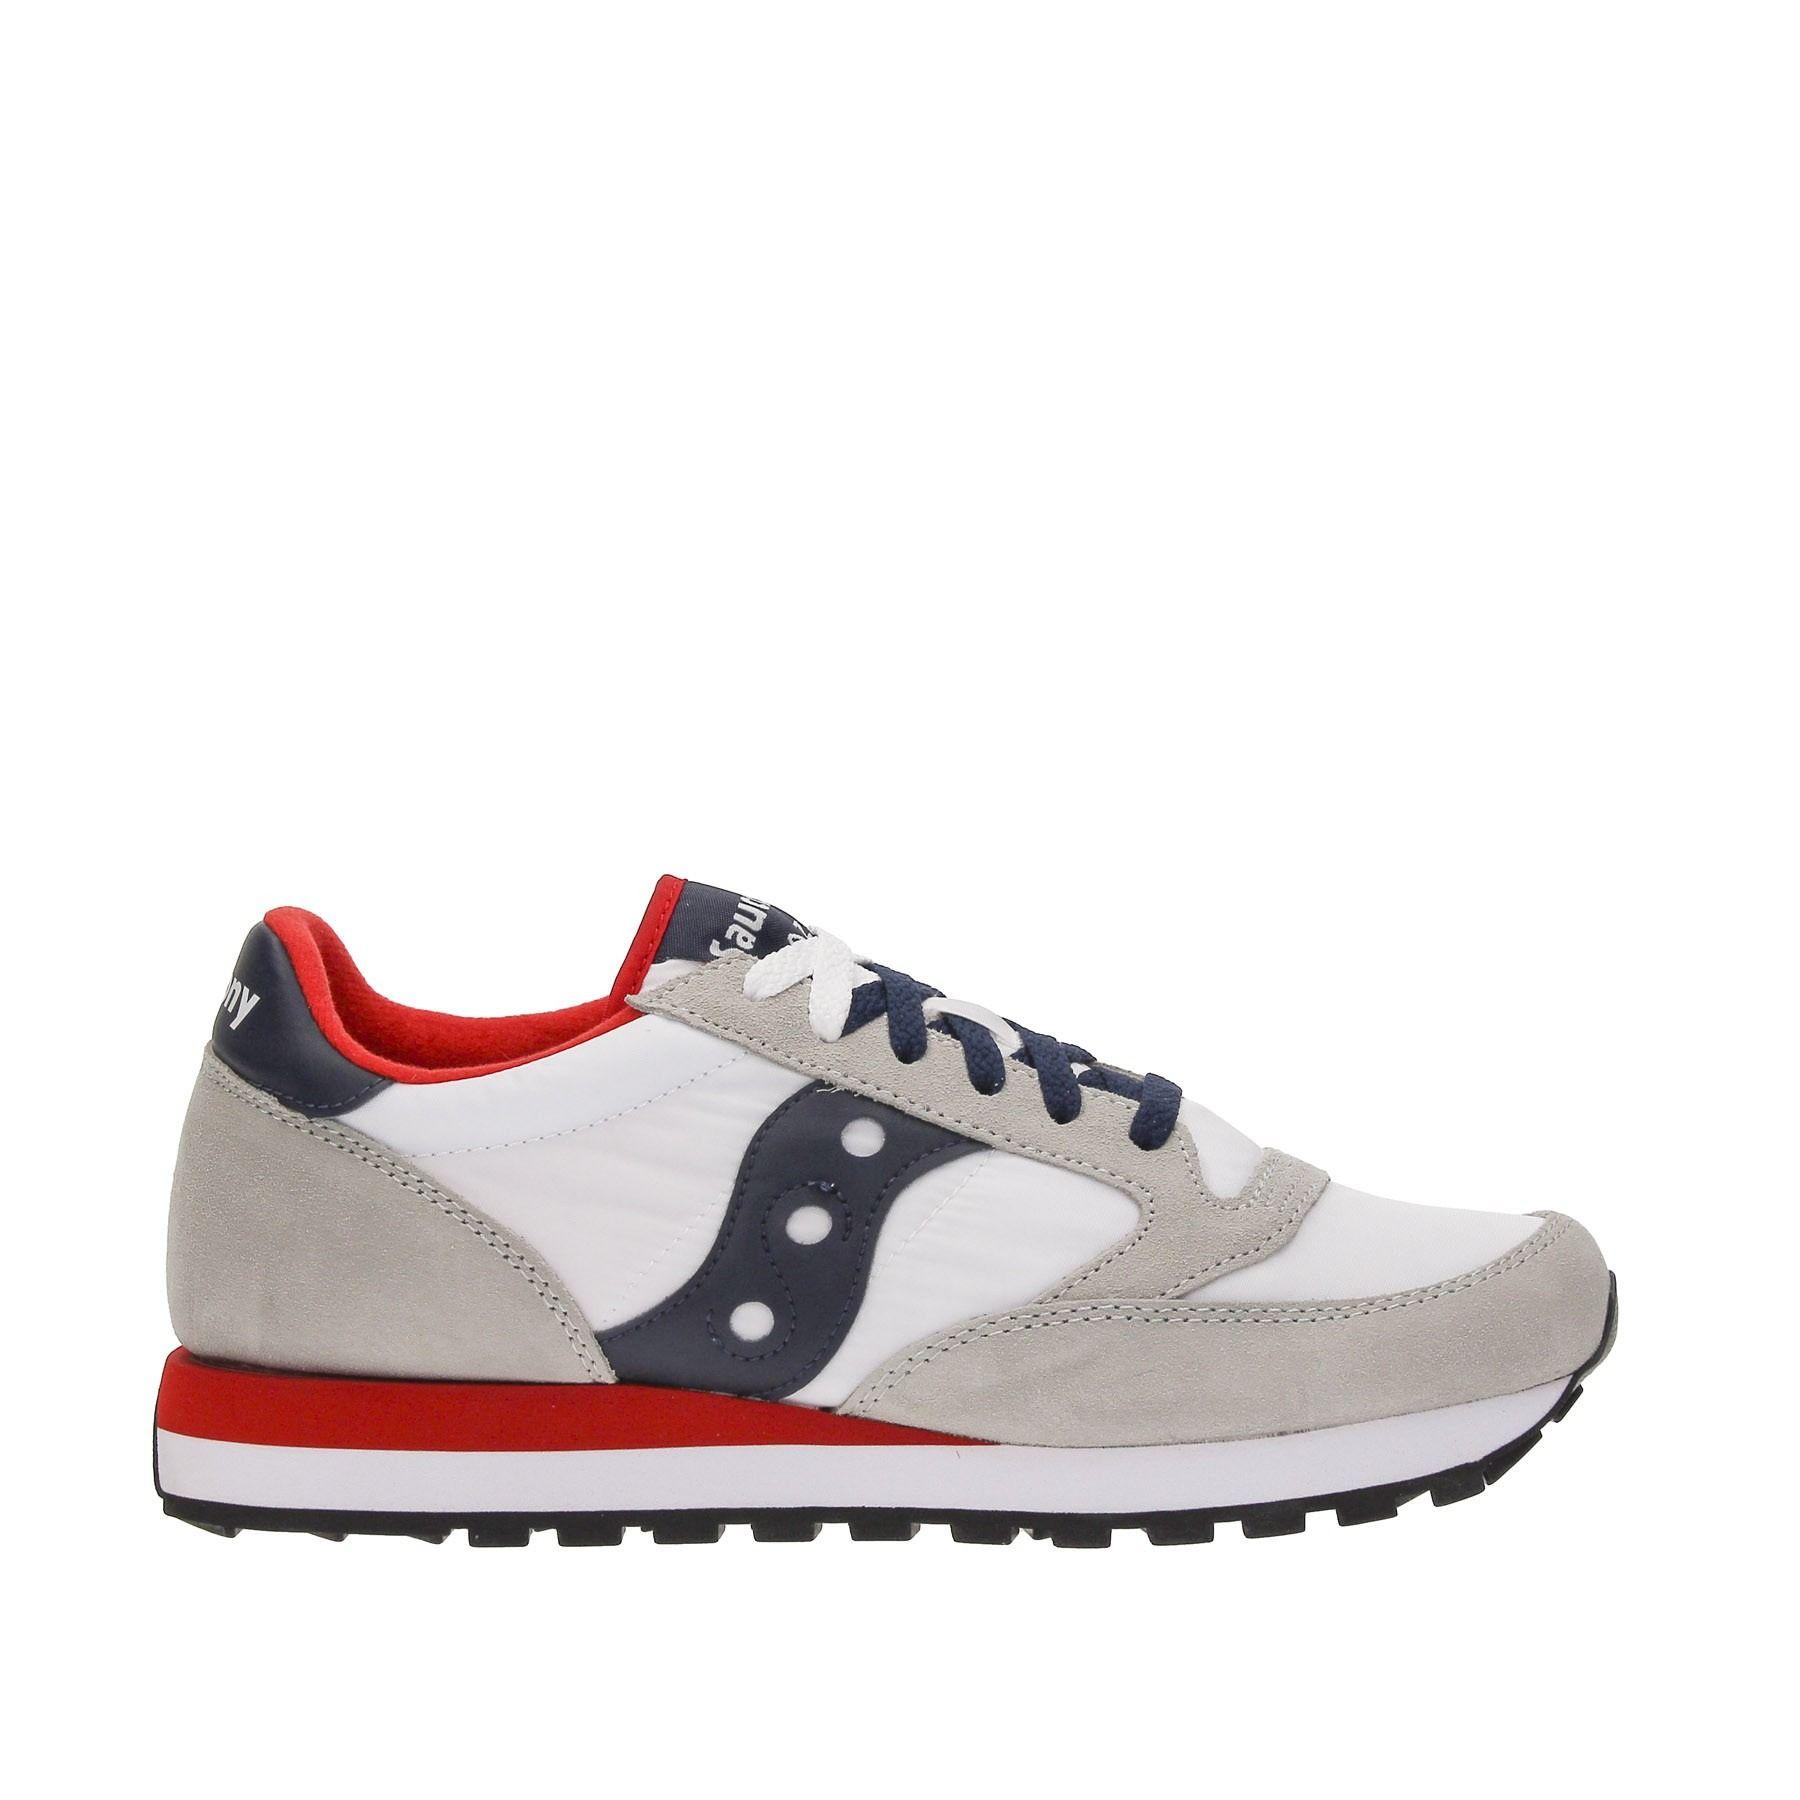 Sportiva Di S2044 Derivazione Pelle Running Sneakers White In 395 nw66qHYR